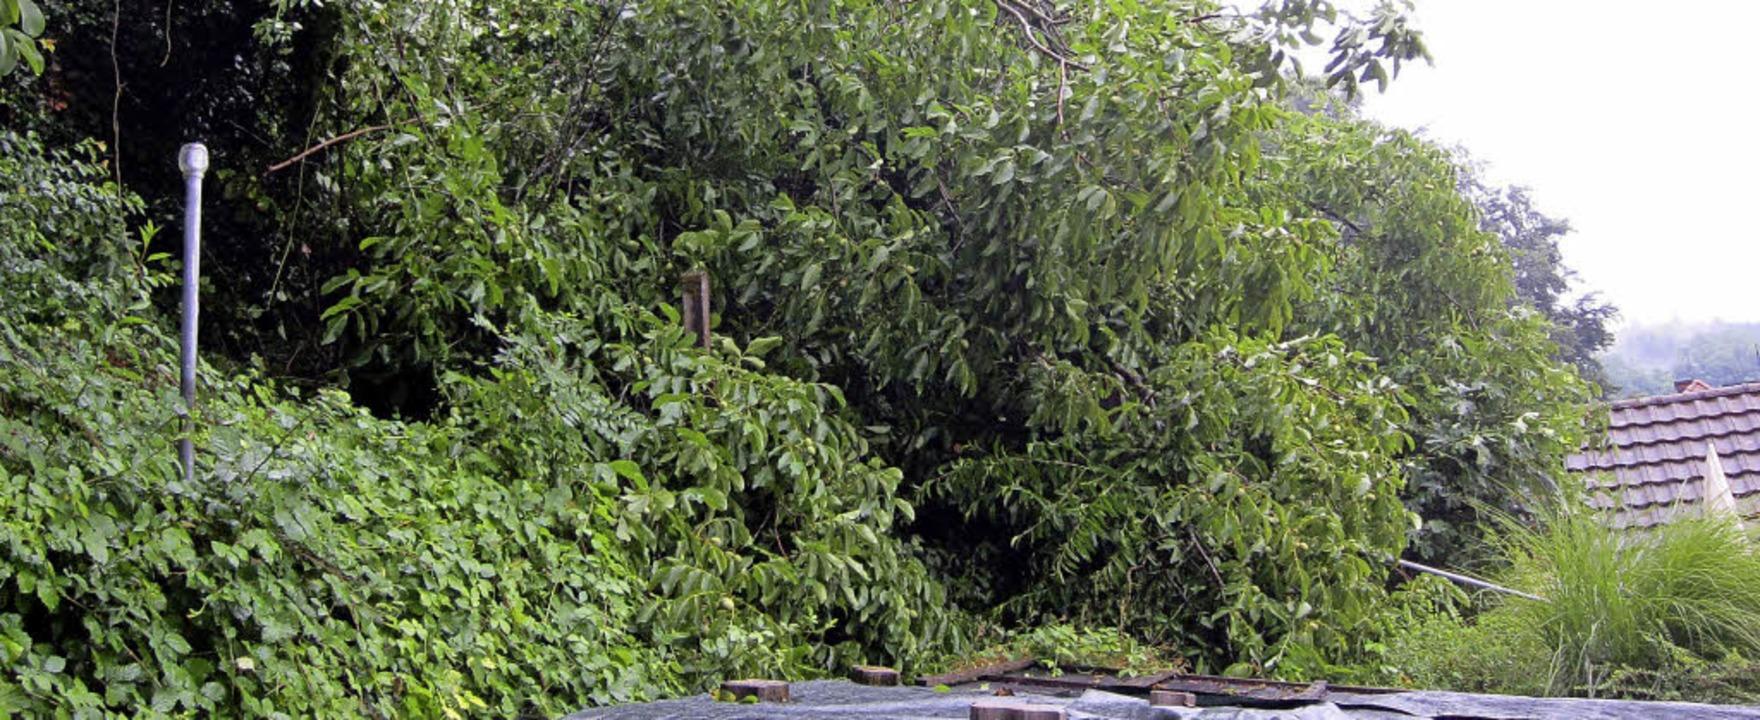 Im sogenannten Mastjahr haben die Bäum...leiden aktuell unter der Trockenheit.   | Foto: kor